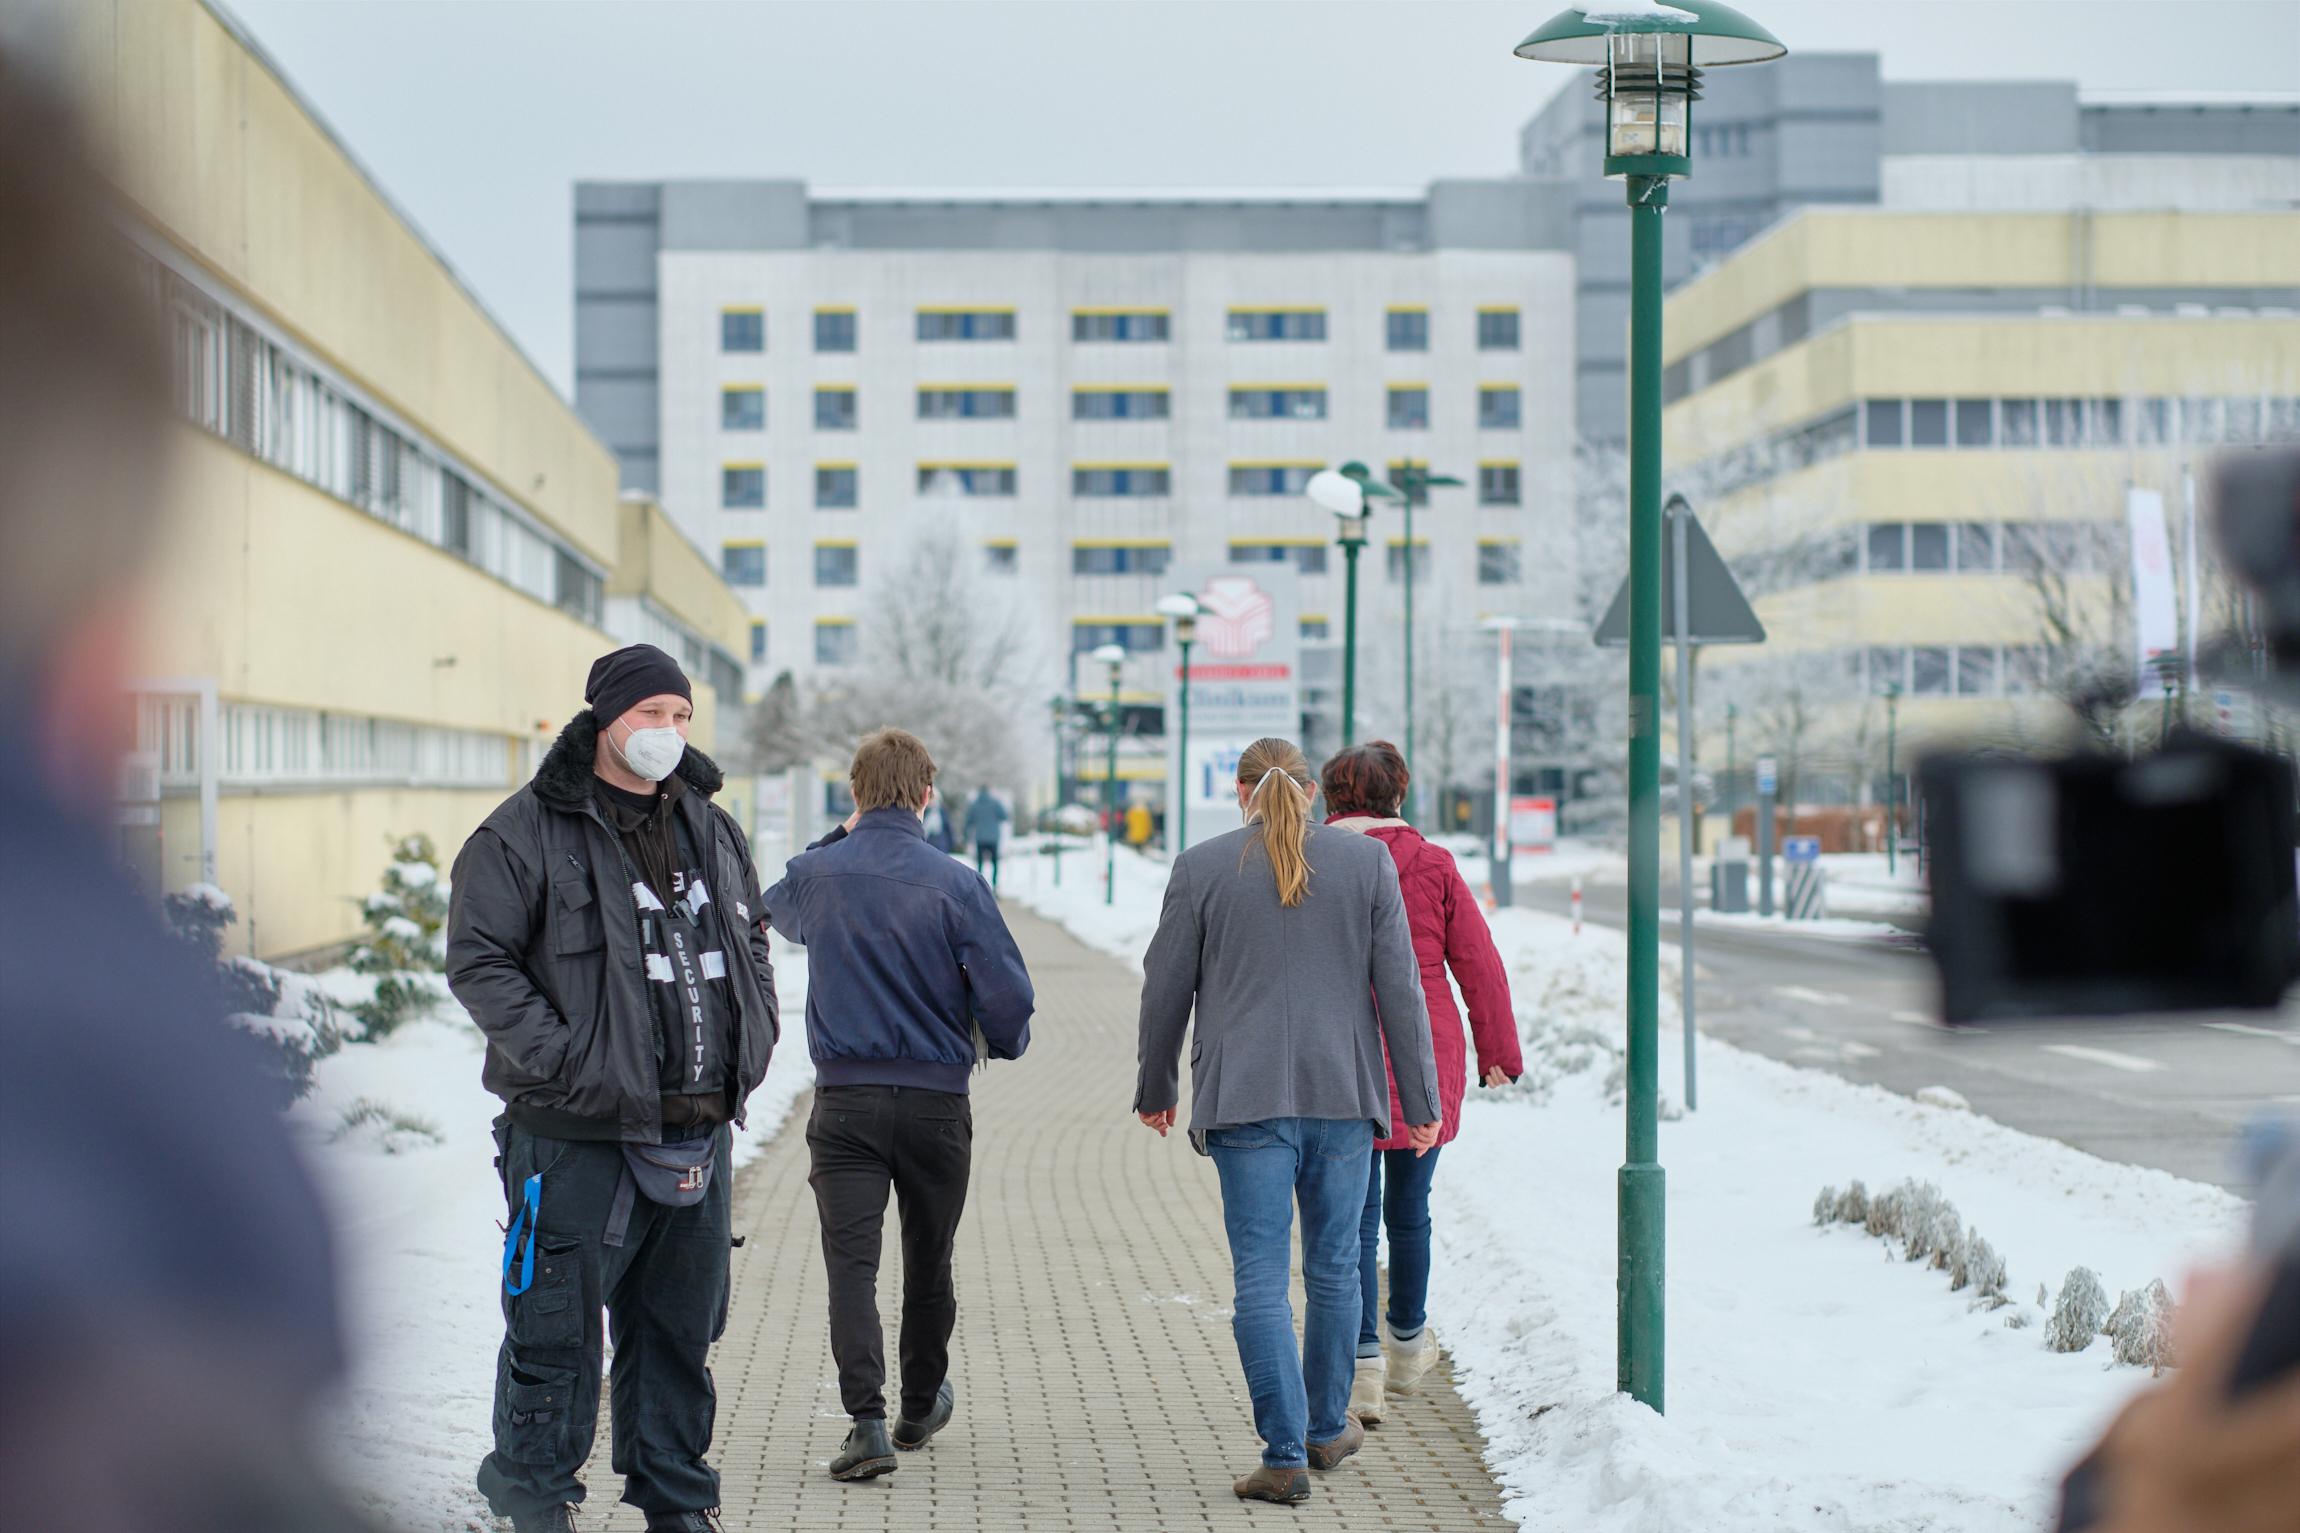 Stefan Kunath und Mitglieder des Betriebsrates gehen in Richtung des Klinikums um die Petition abzugeben